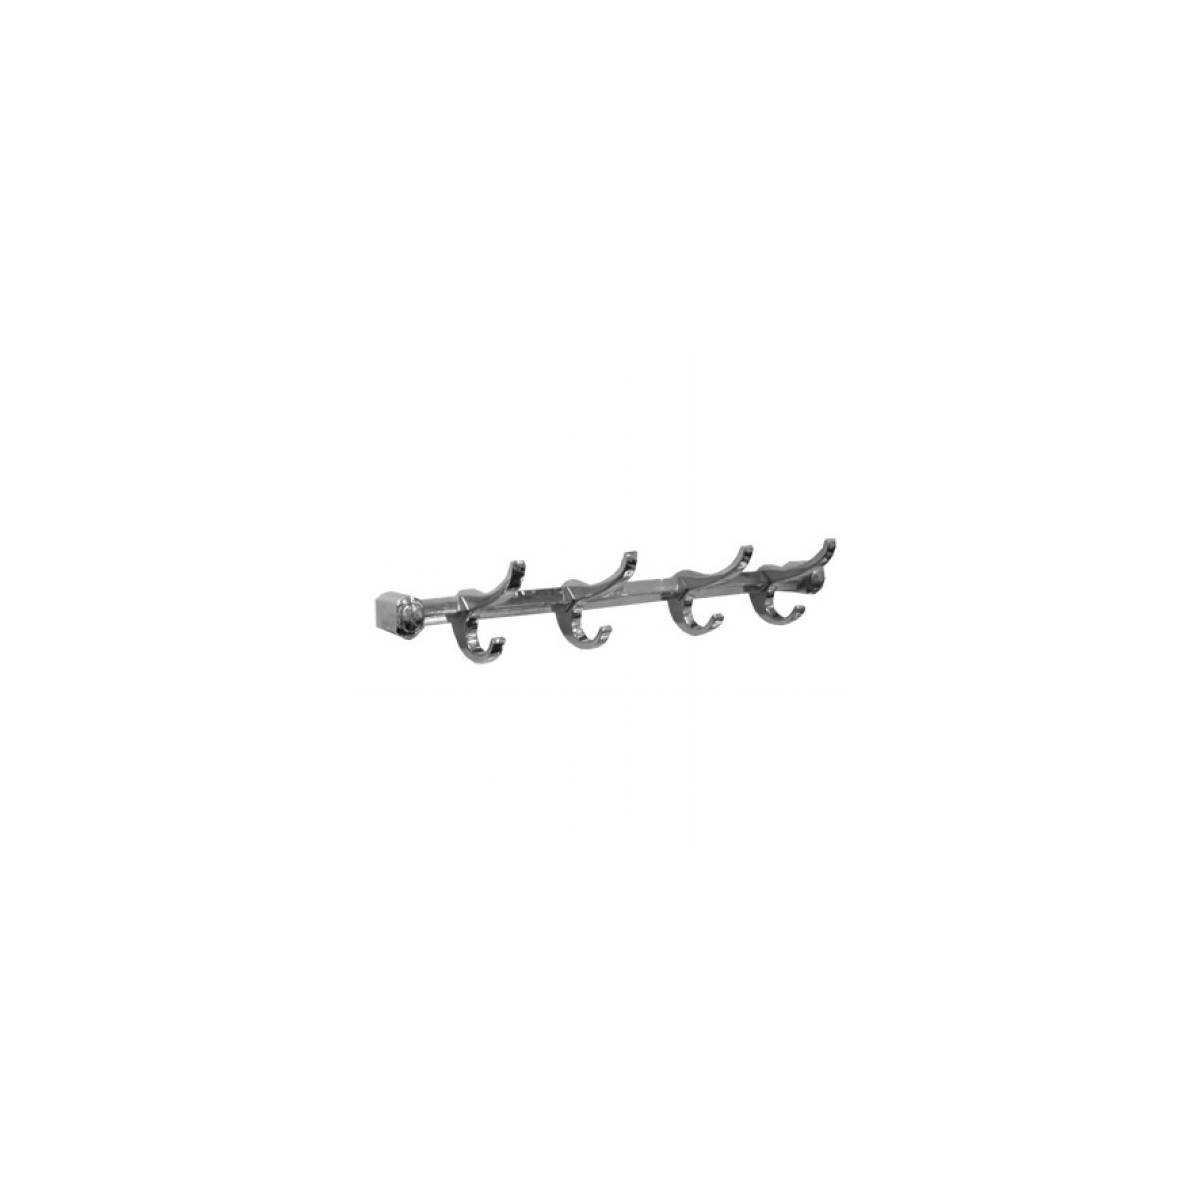 Держатель полотенец металлический на 4 крючка (5740) 5740 Gatto